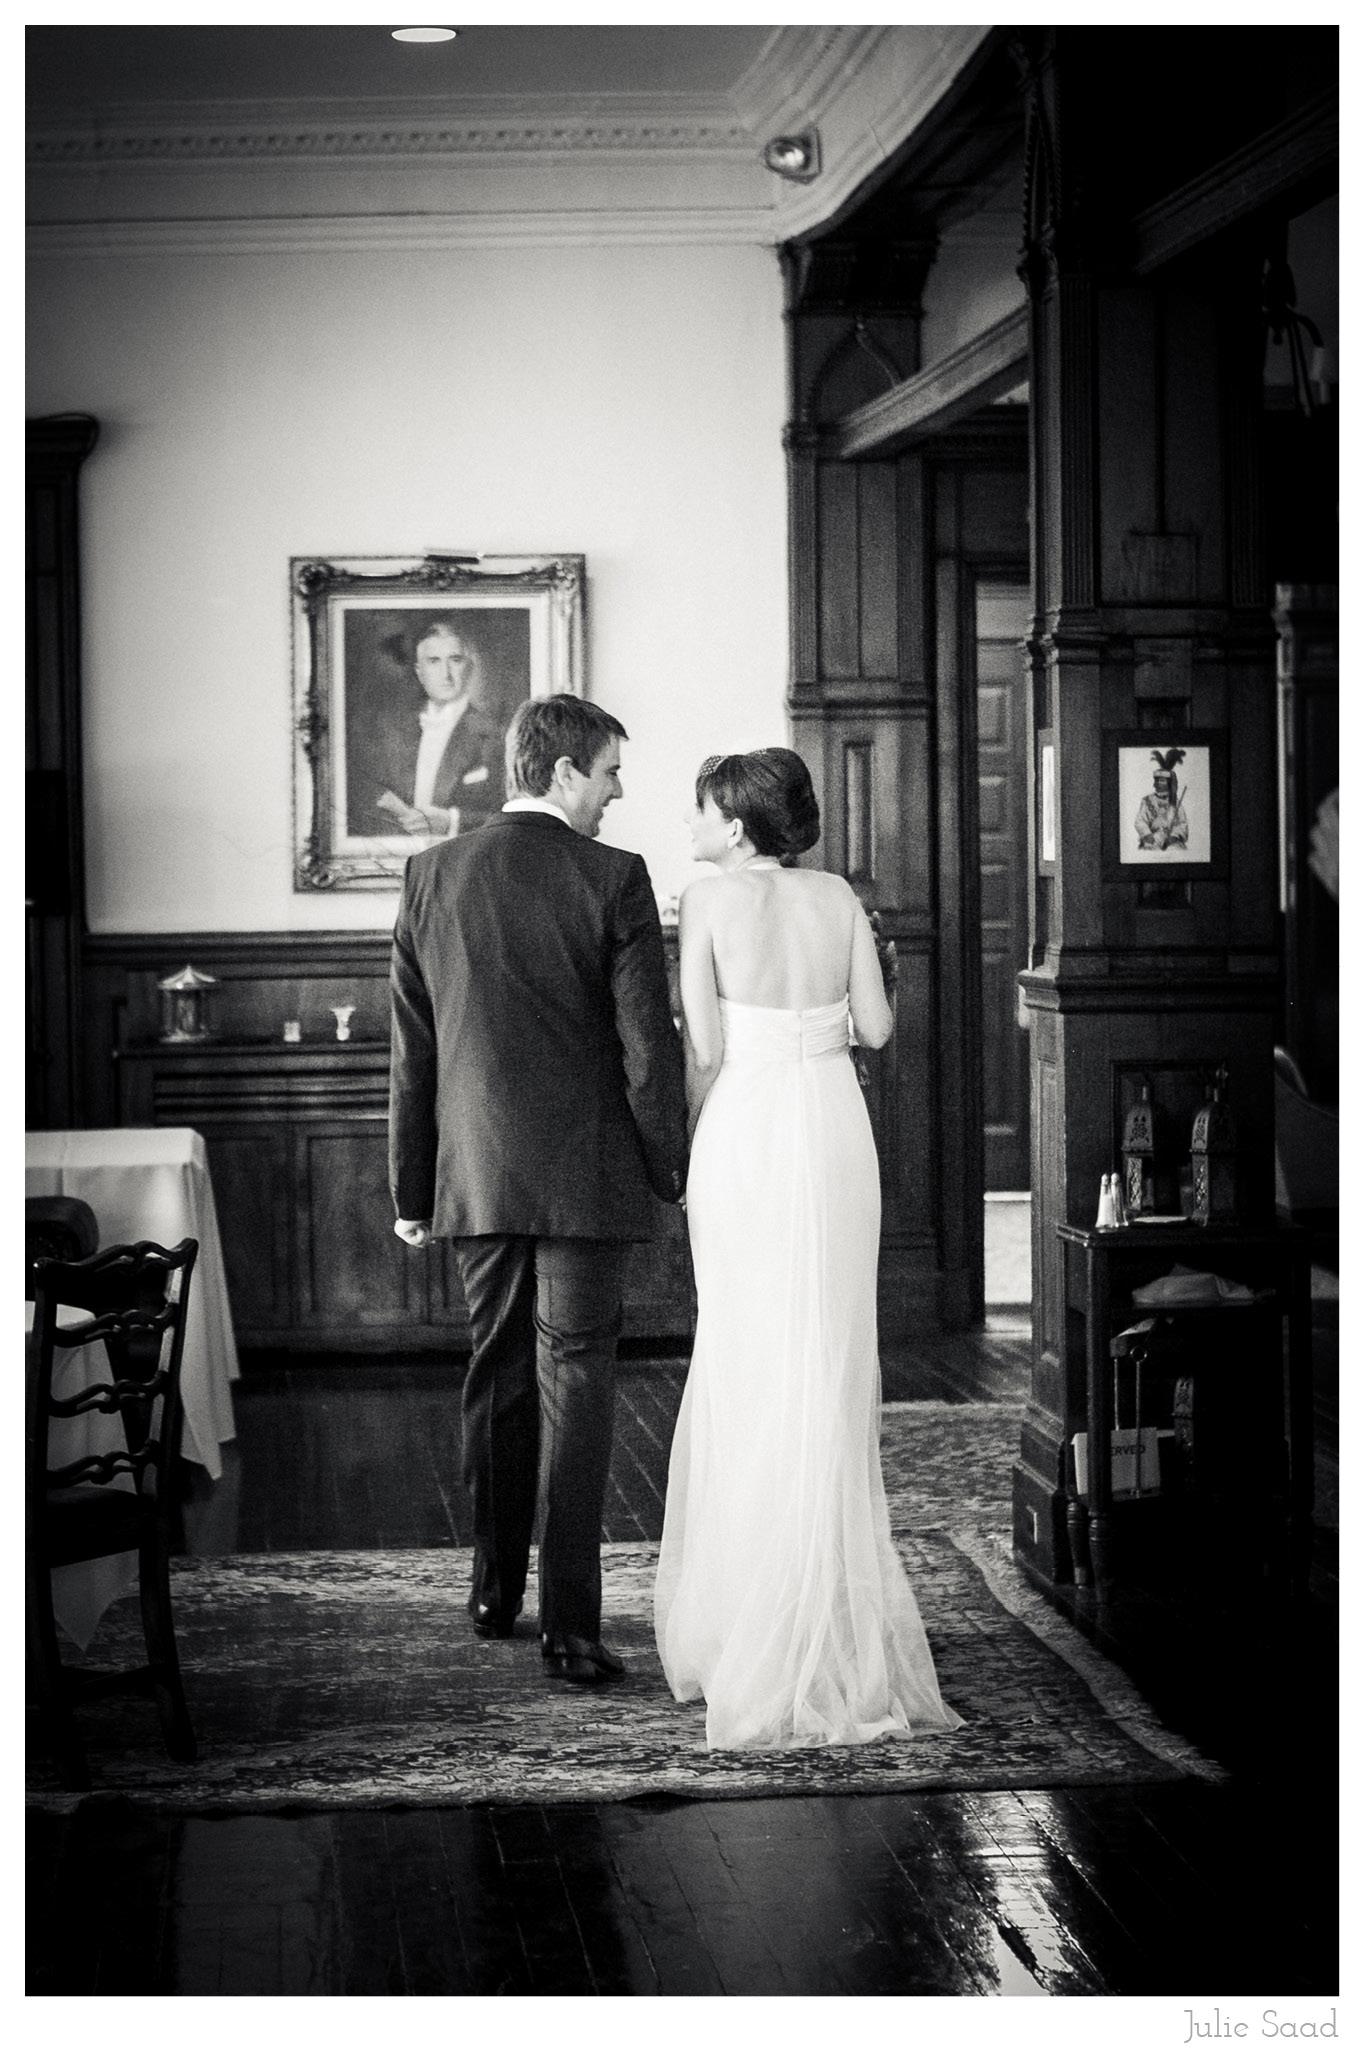 montauk-club-wedding-photographer-brooklyn-saad14.jpg